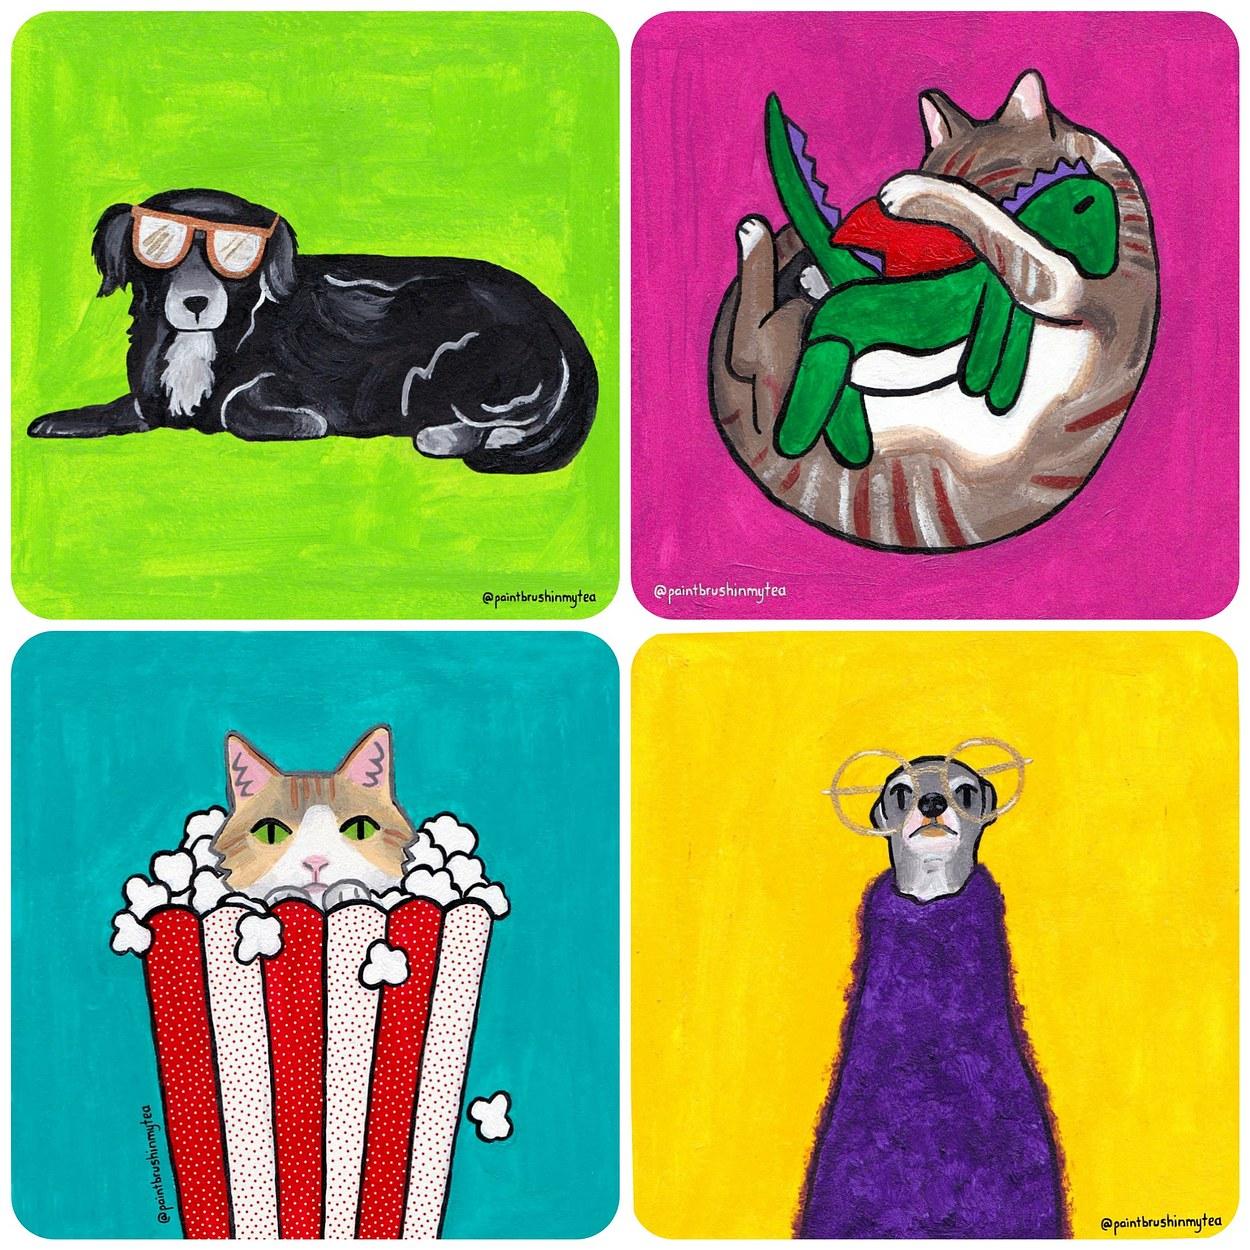 Happy Pets Week art challenge